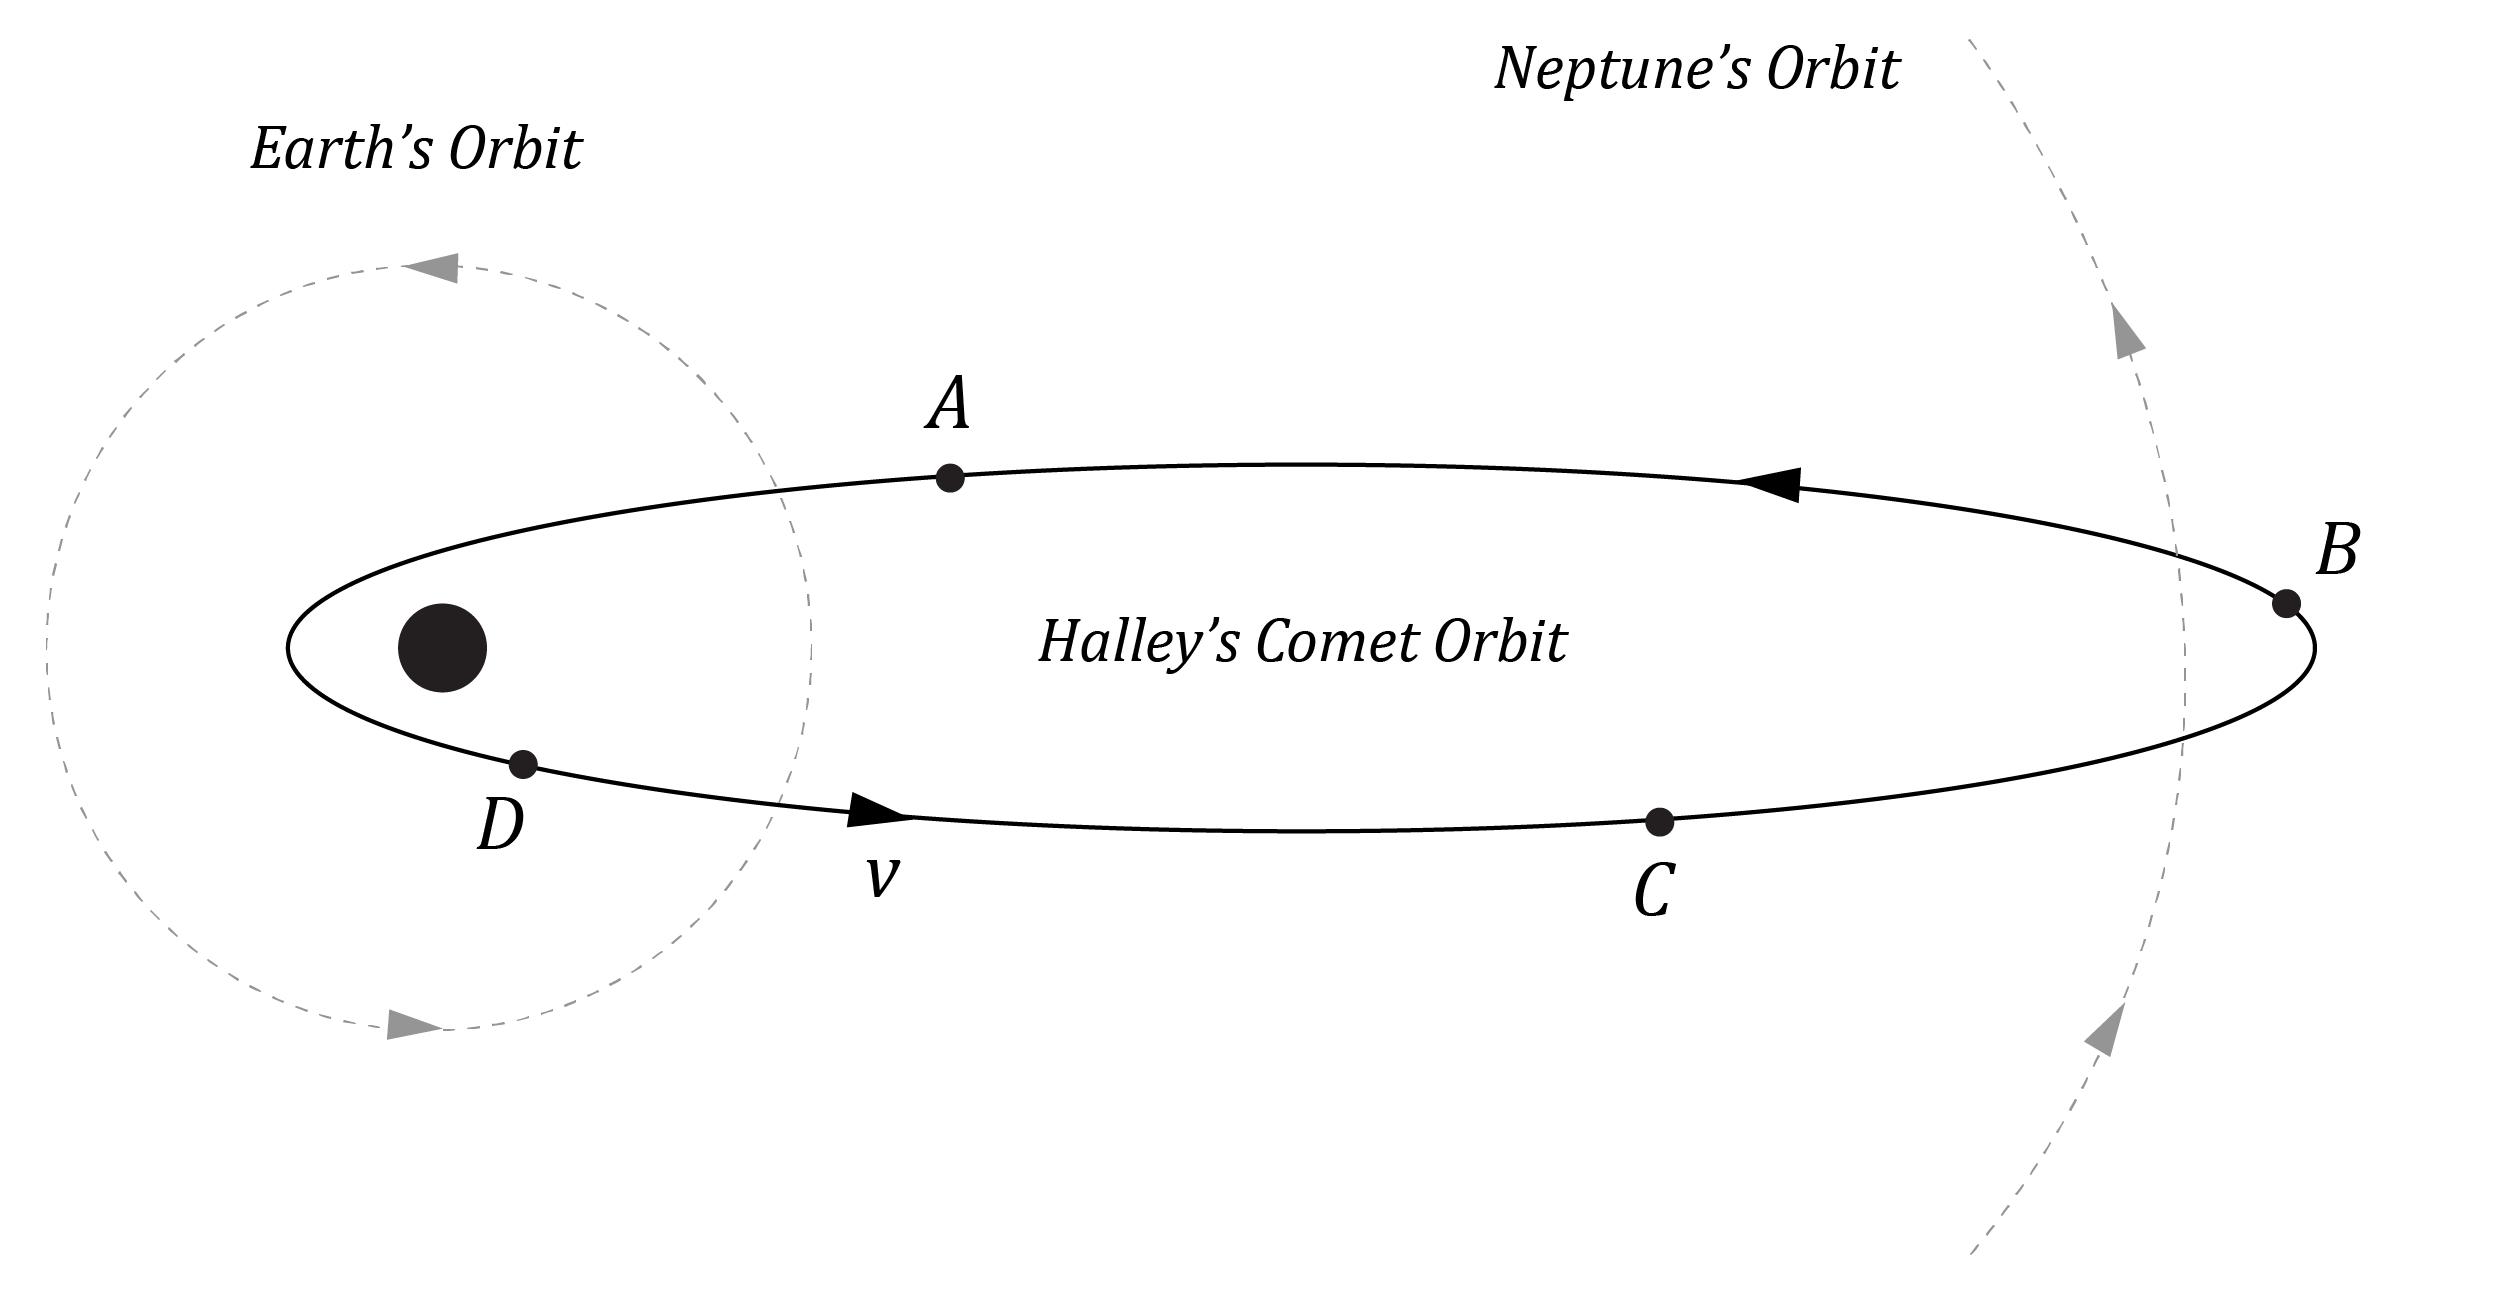 Halley's Comet - Kepler's Second Law of Motion